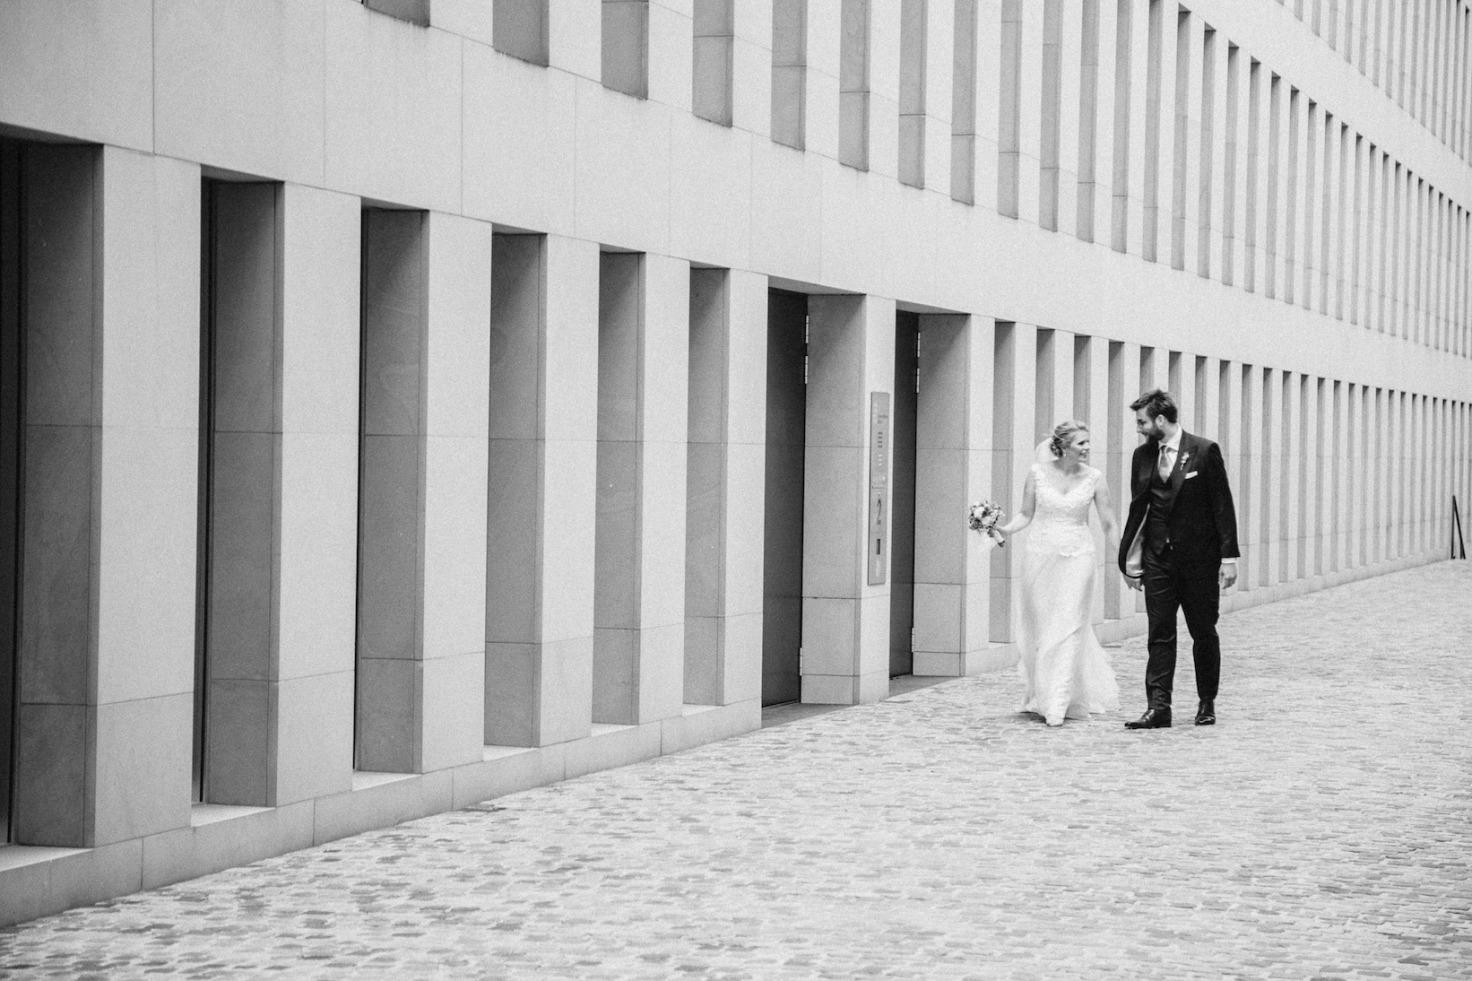 Hochzeit von Laura und Marco in Münster: Brautpaar geht Hand in Hand